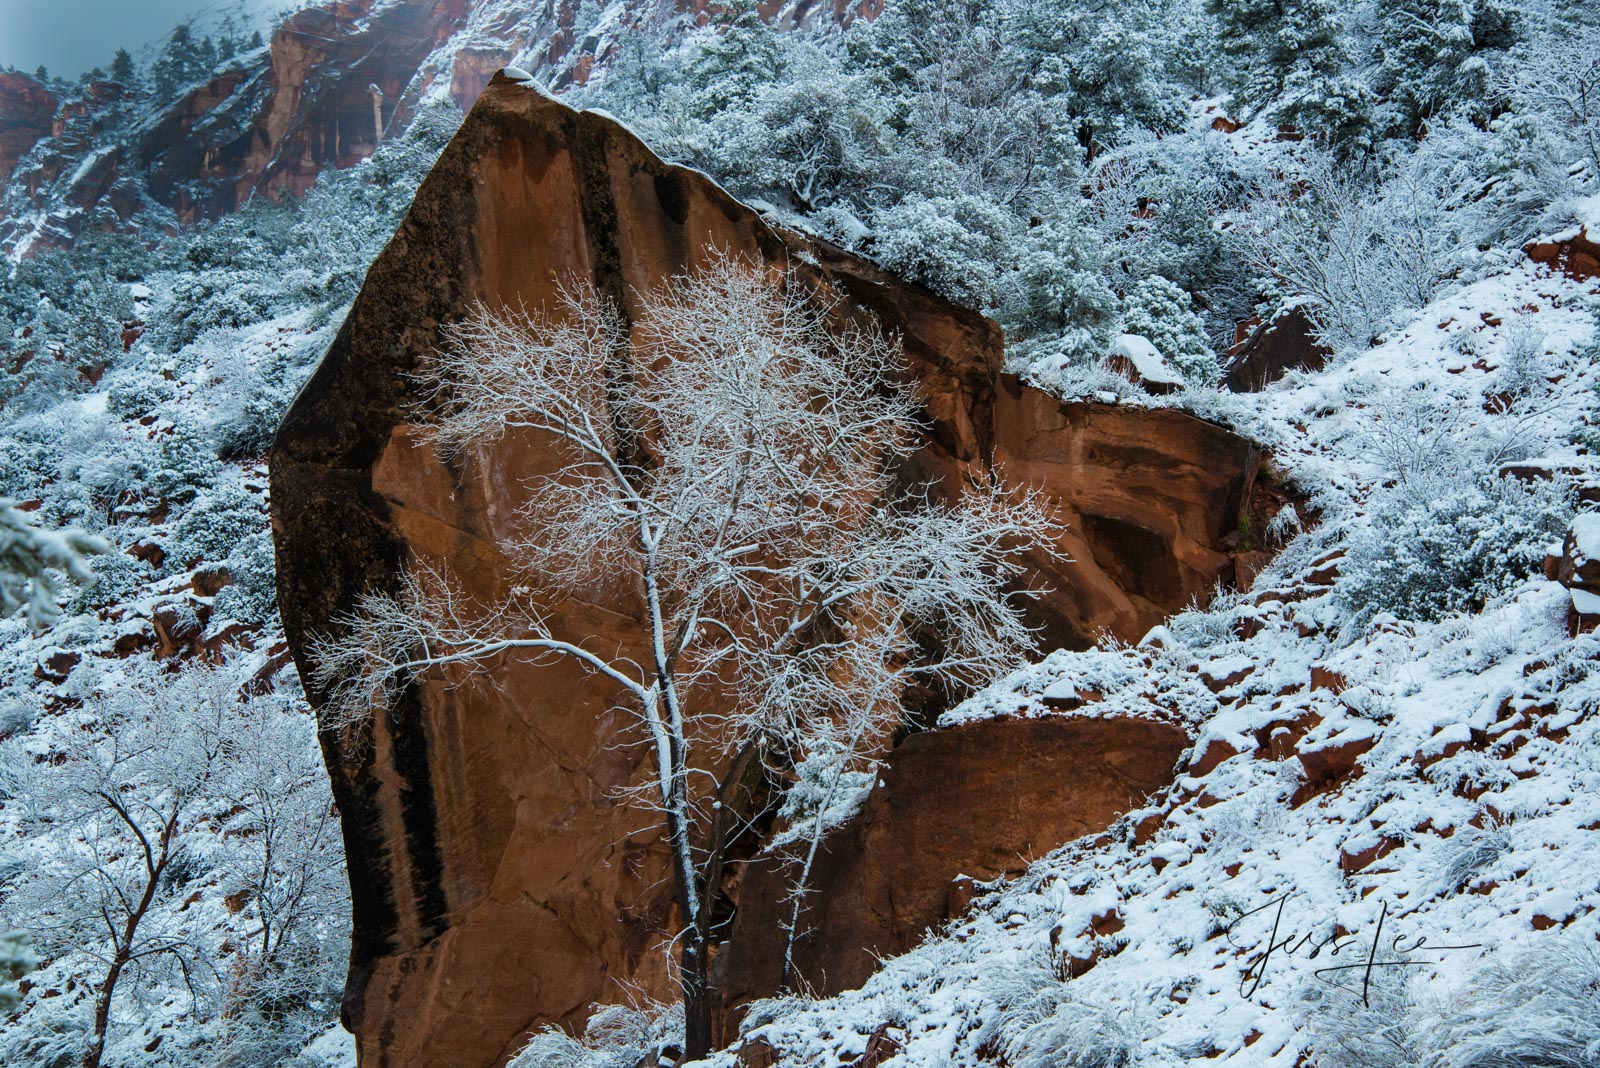 Zions Arrowhead Rock in Winter